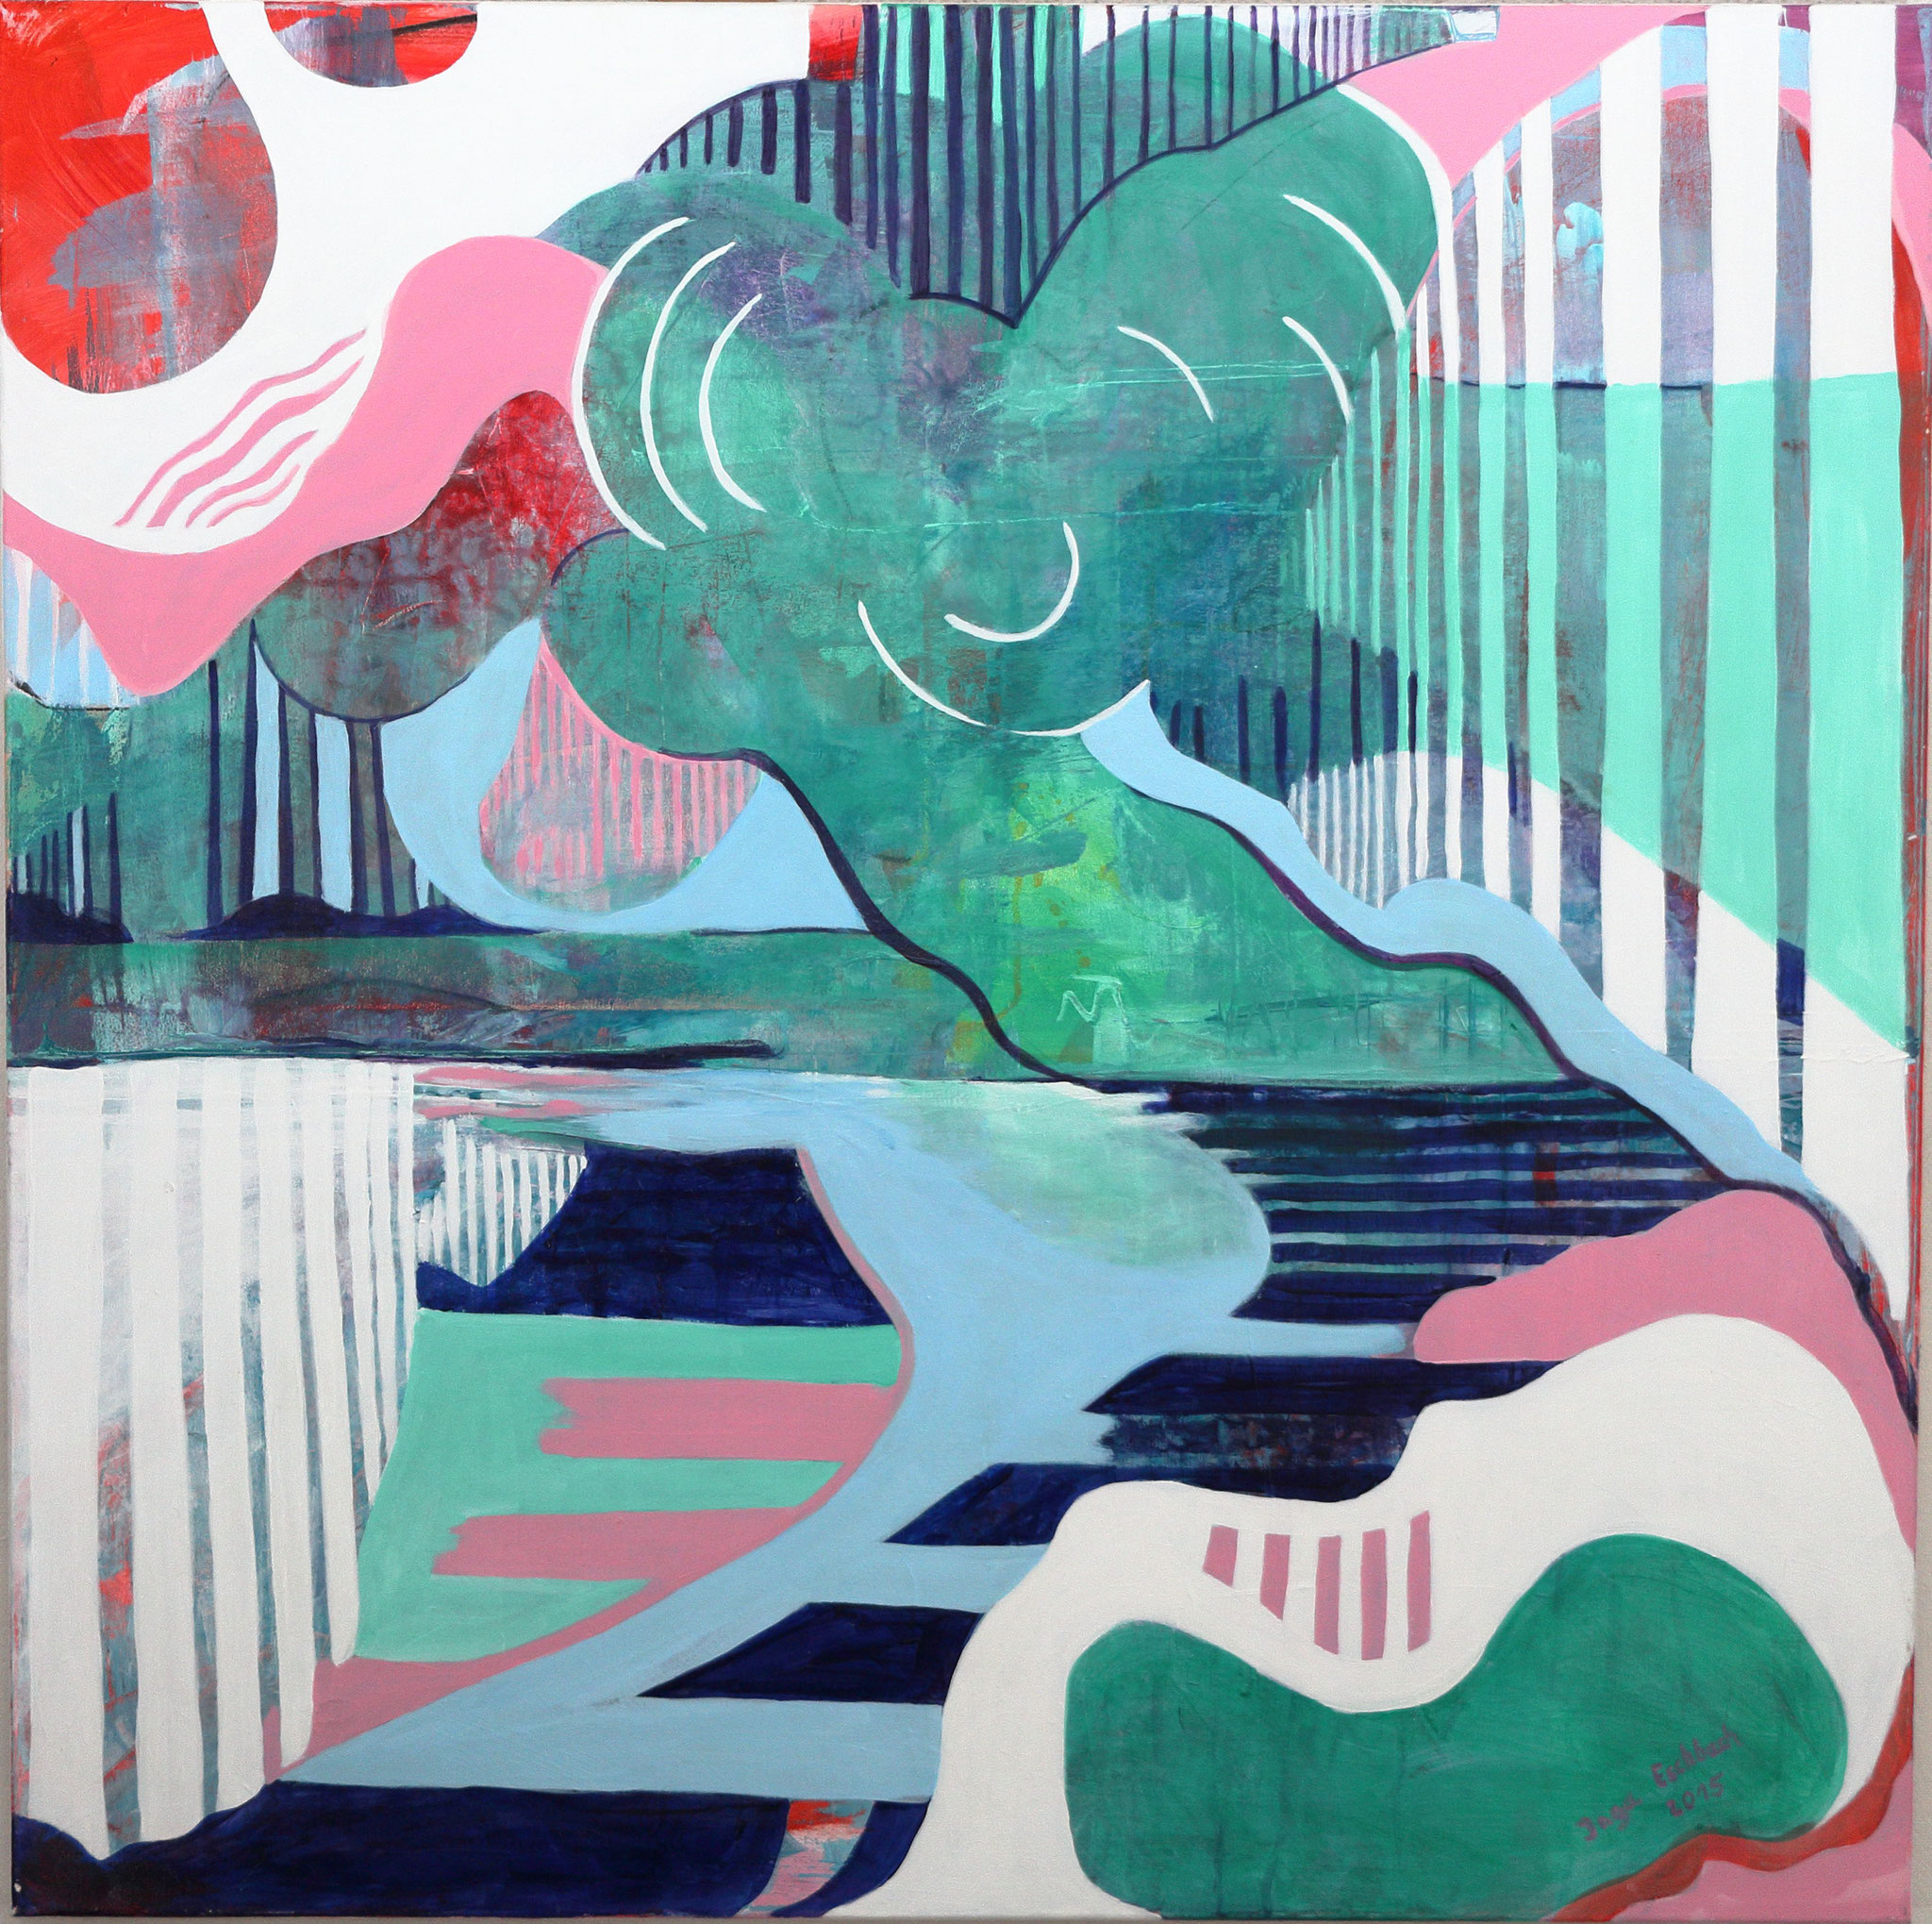 o.T., Acryl a. Leinwand, 100x100cm